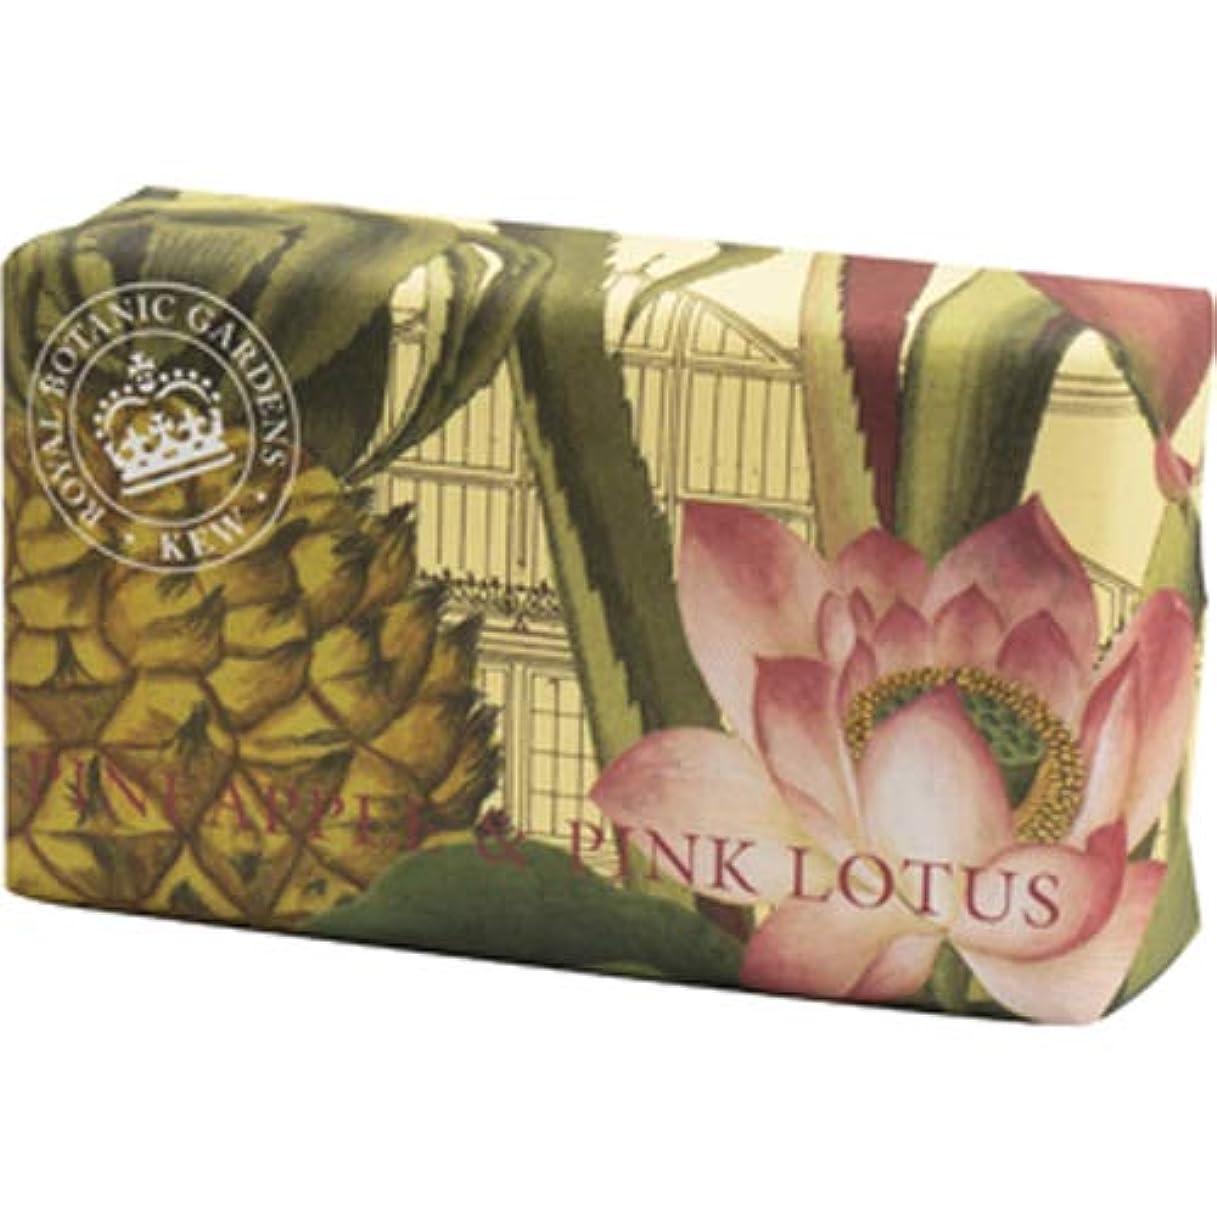 医療過誤起業家ばか三和トレーディング English Soap Company イングリッシュソープカンパニー KEW GARDEN キュー?ガーデン Luxury Shea Soaps シアソープ Pineapple & Pink Lotus...